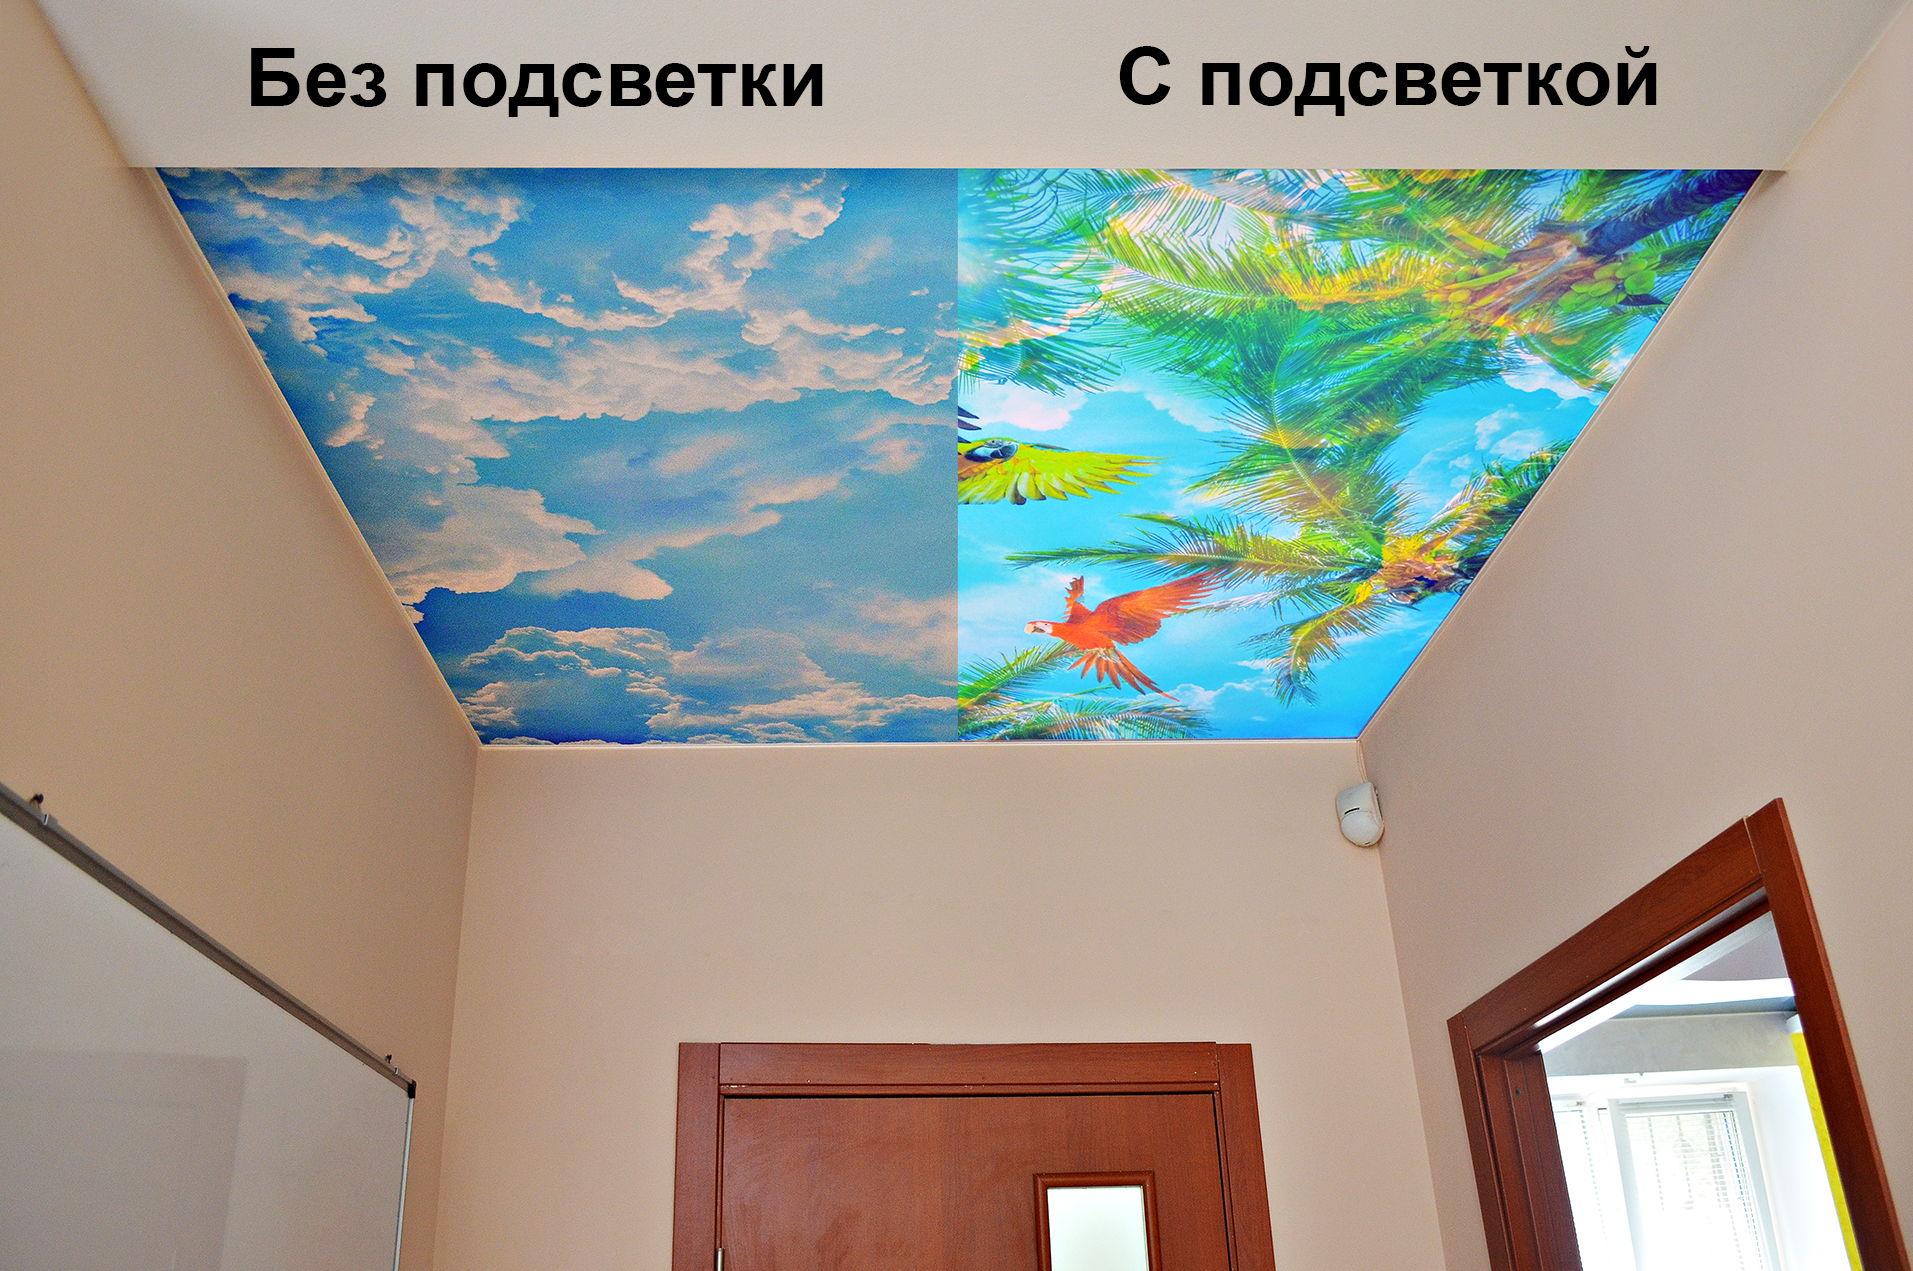 Натяжной потолок DOUBLE VISION